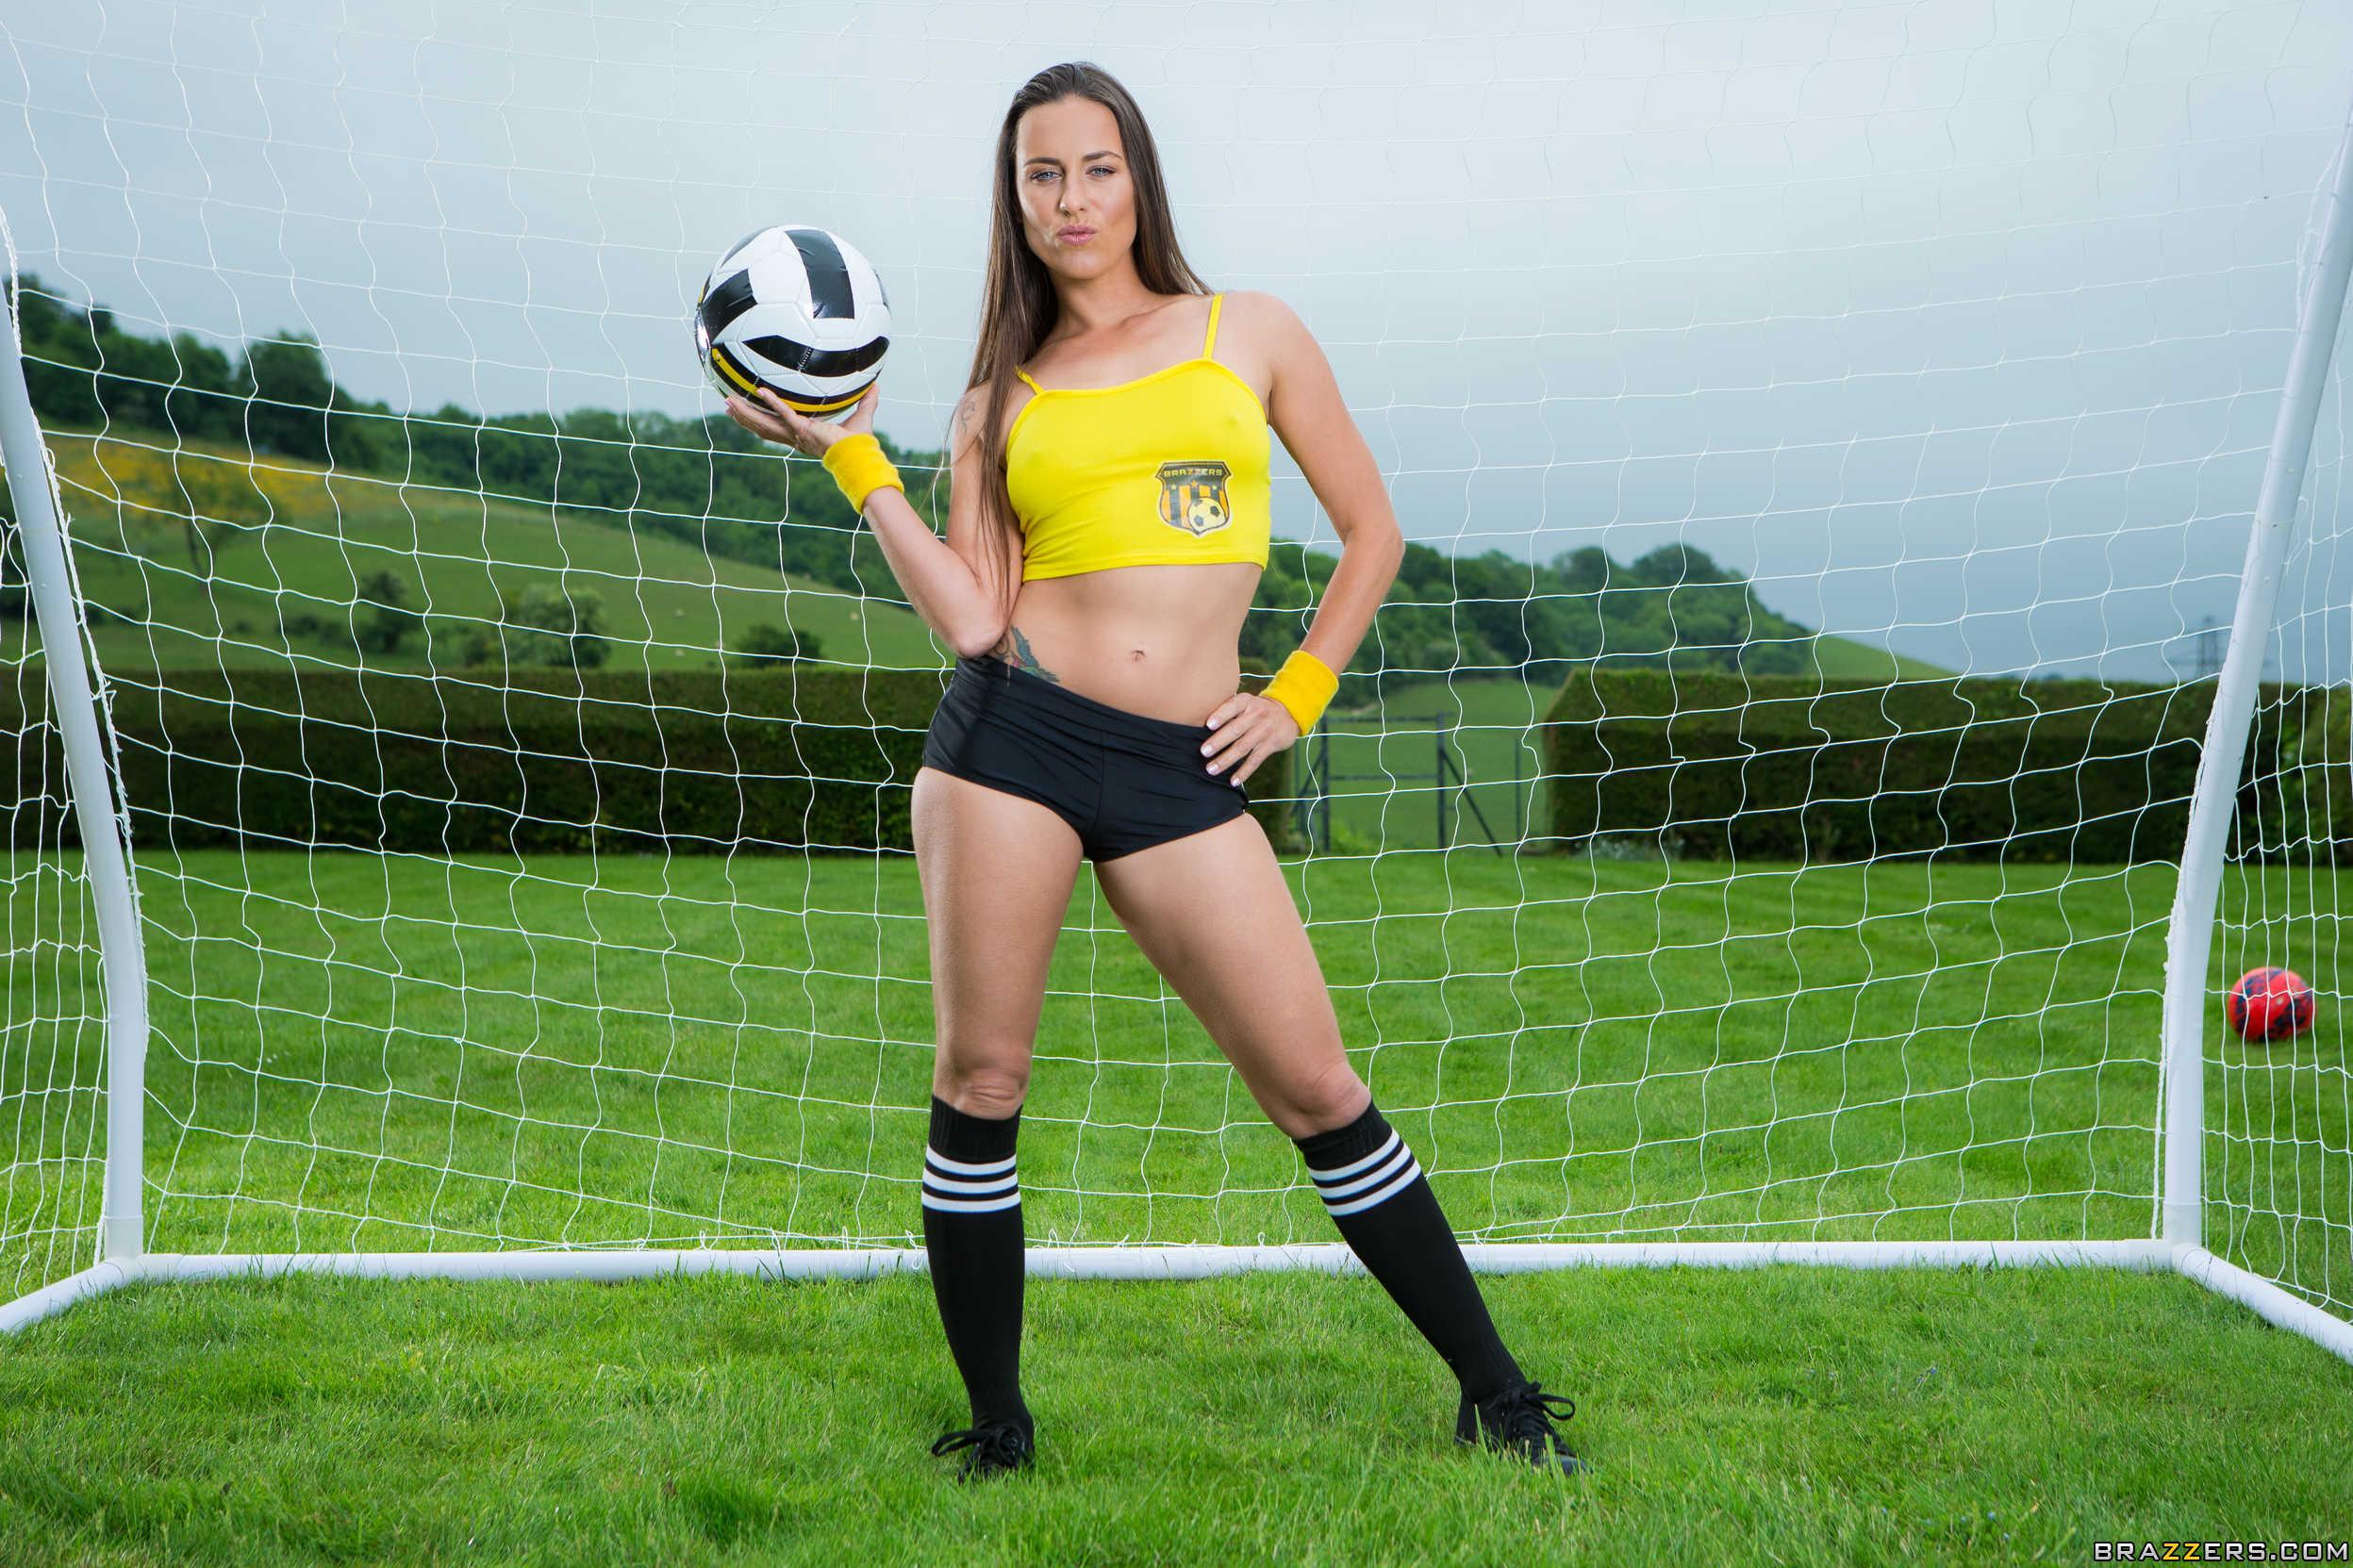 seksualniy-futbol